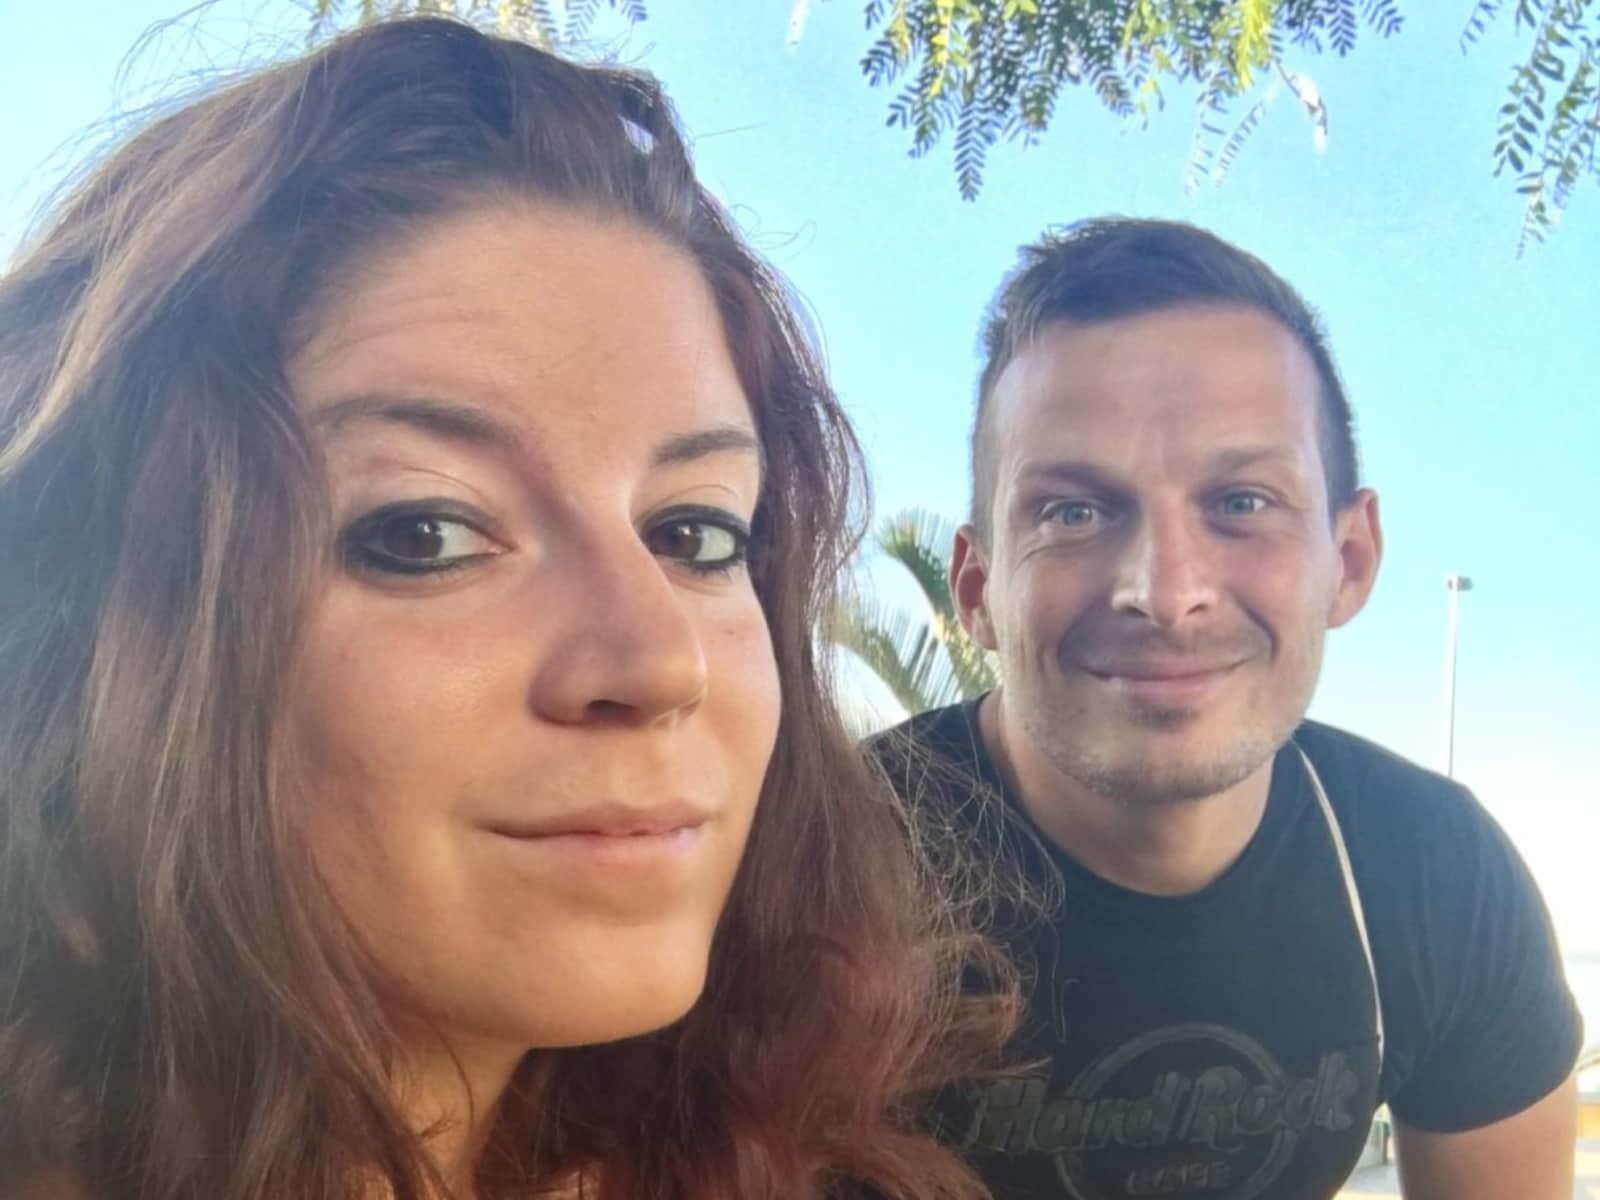 Francesca & Anders mørkeberg from Odense, Denmark